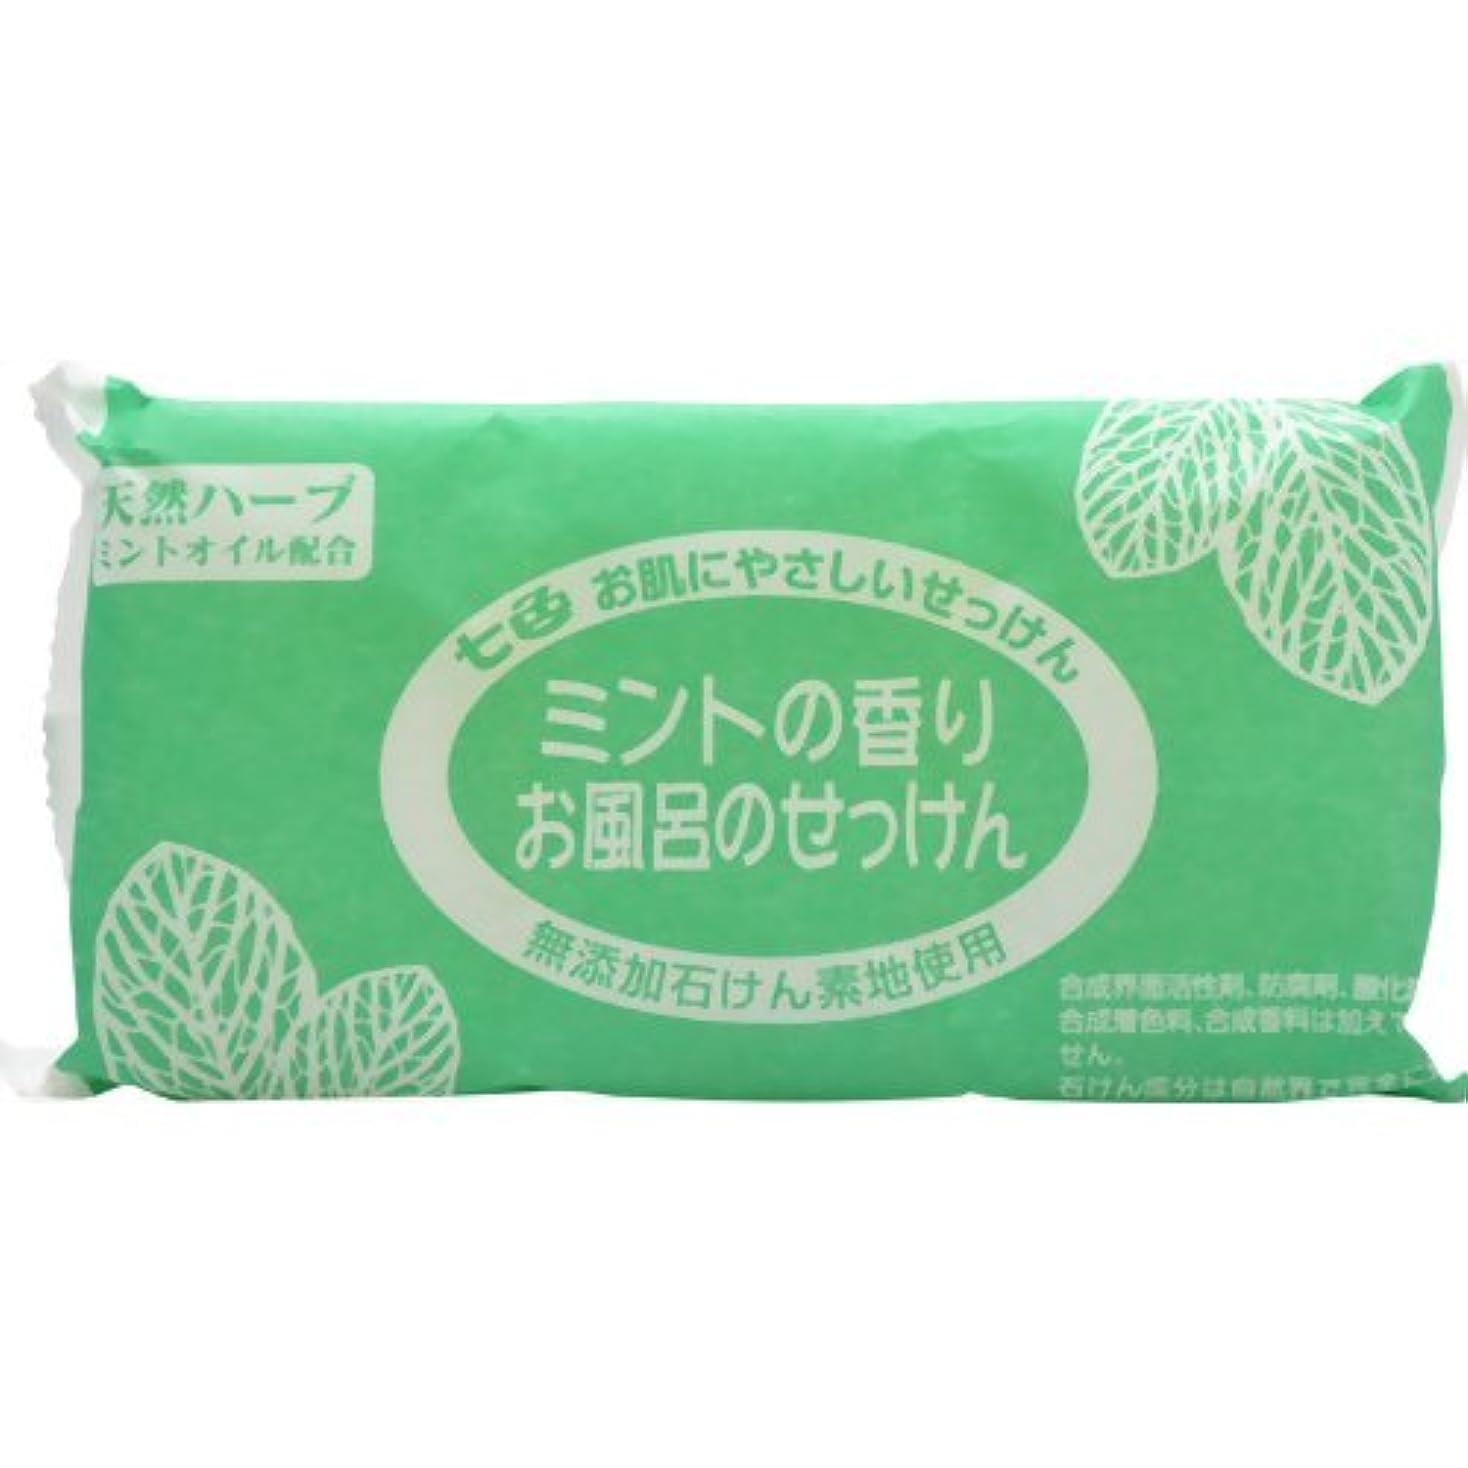 多年生中に虫を数える七色 お風呂のせっけん ミントの香り(無添加石鹸) 100g×3個入